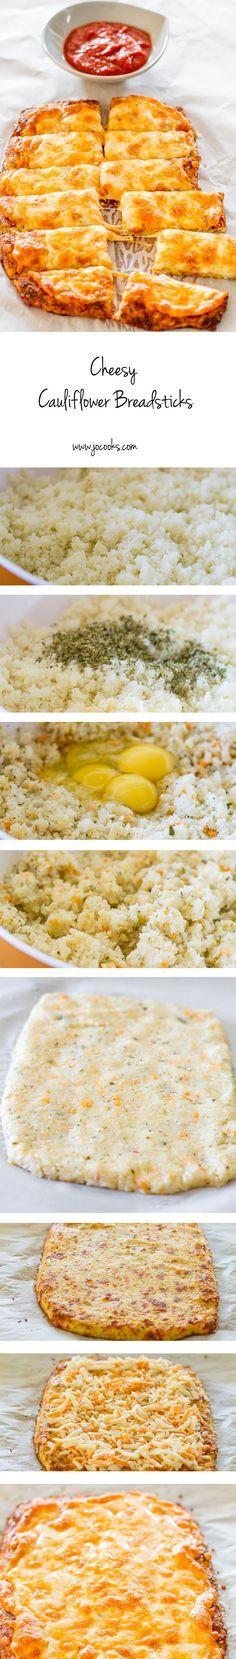 Aperitivo de couve-flor e queijo Palitinhos feito de couve-flor e queijo - sem glúten, pouco carboidrato. Esta receita é fácil e uma delicia